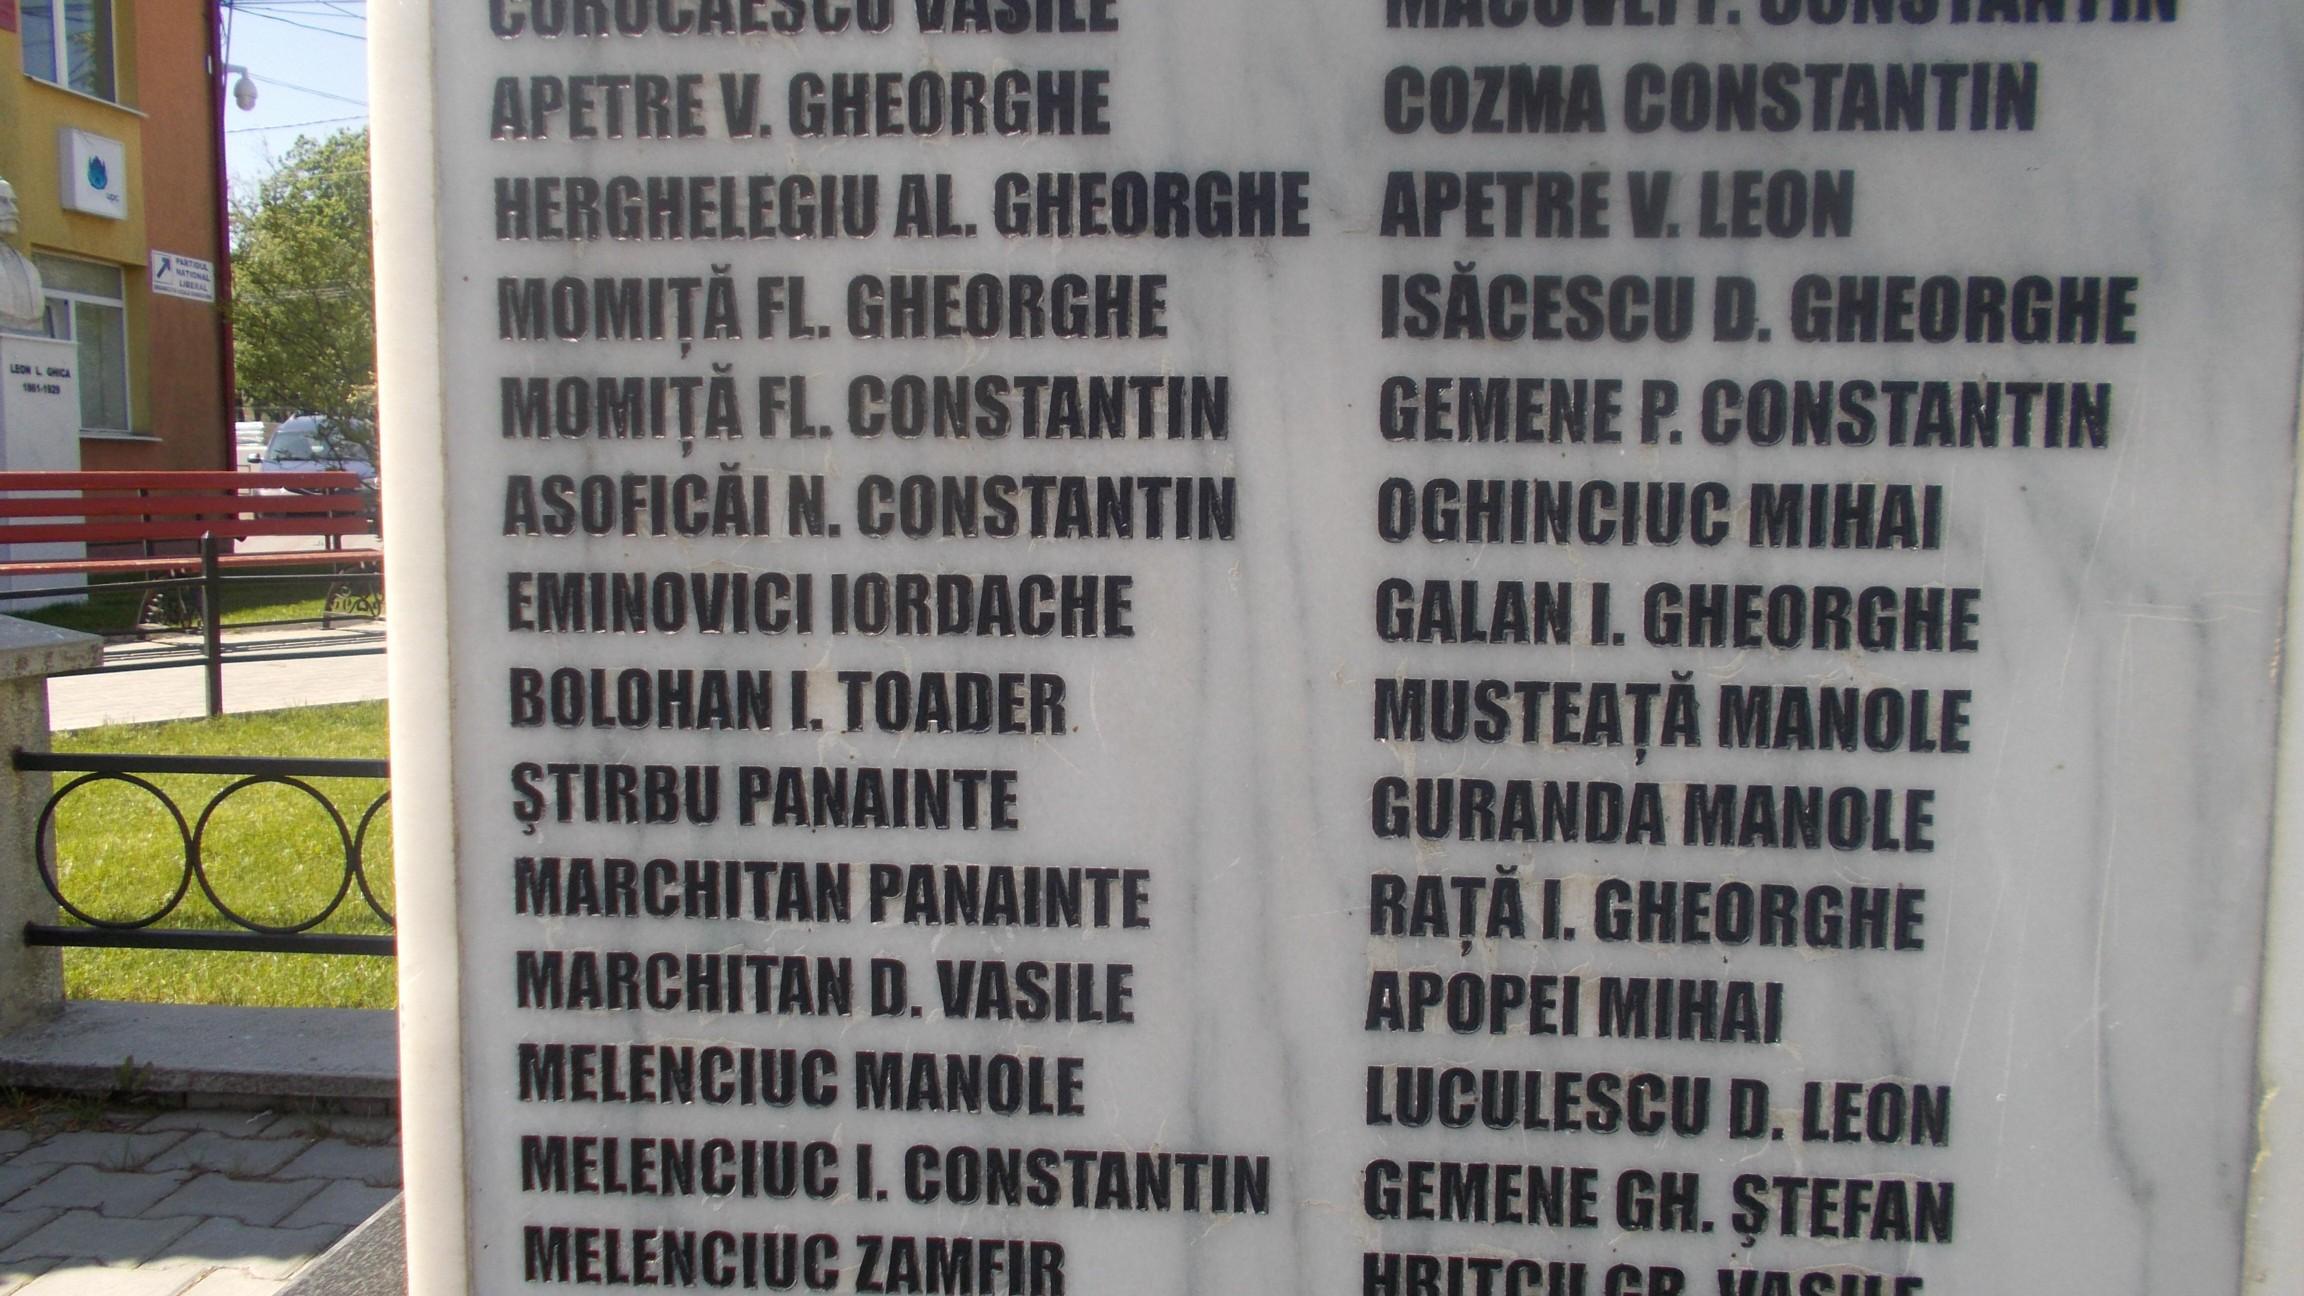 Numele lui Iordache Eminovici, săpat în marmora coloanei din stânga a eroilor dumbrăvineni